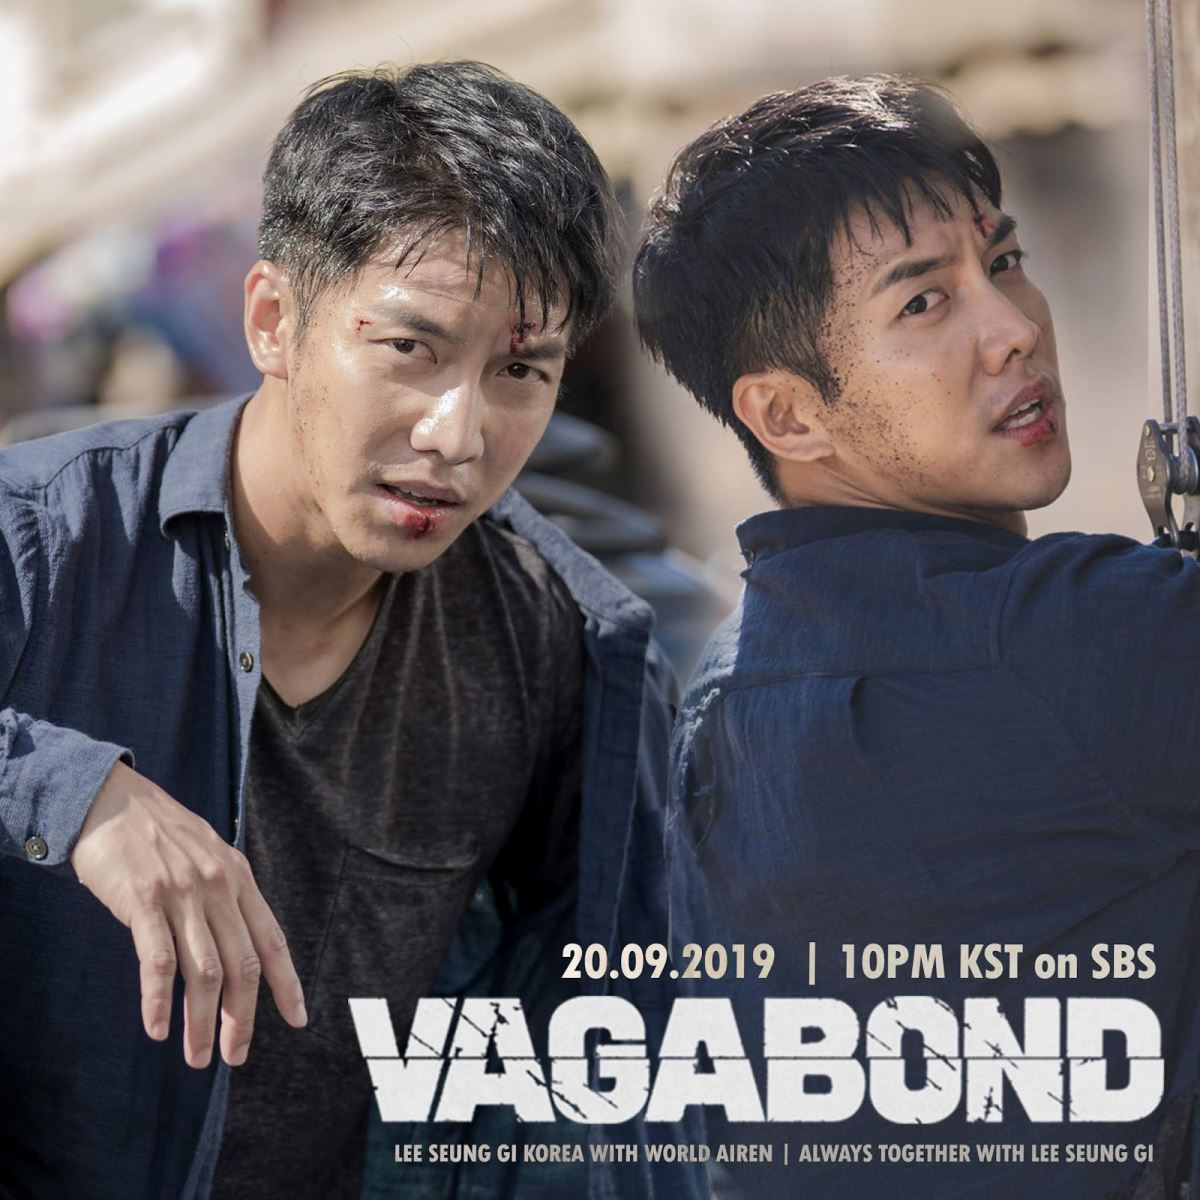 Lãng khách, Lãng khách tập 10, Vagabond, Vagabond tập 10, Xem Vagabond, xem phim Lãng khách, sbs, xem phim sbs, hậu duệ mặt trời, Suzy, Lee Seung Gi, xem lãng khách